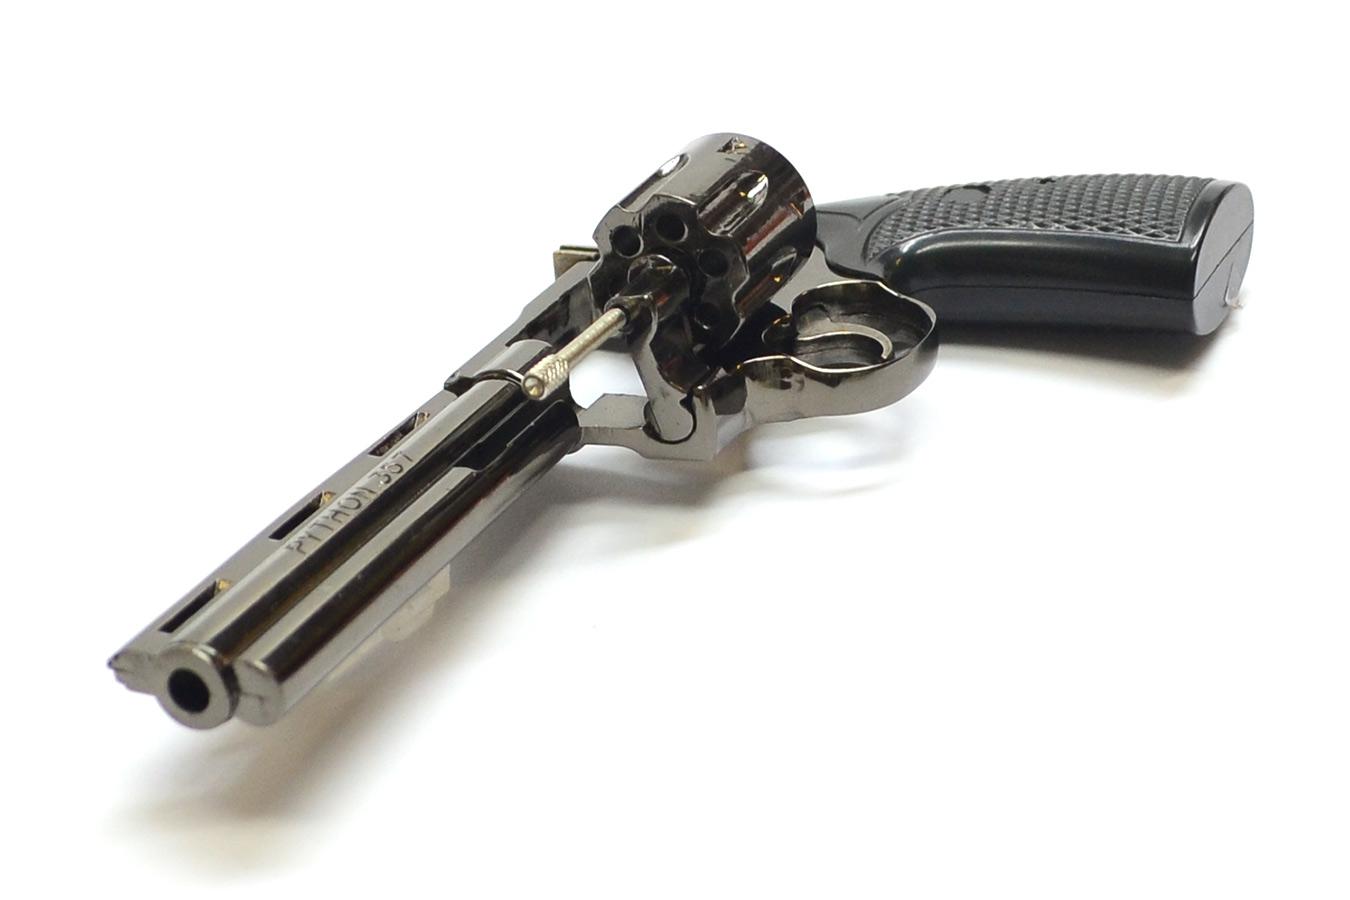 Colt Python с 152 мм стволом изображение 1